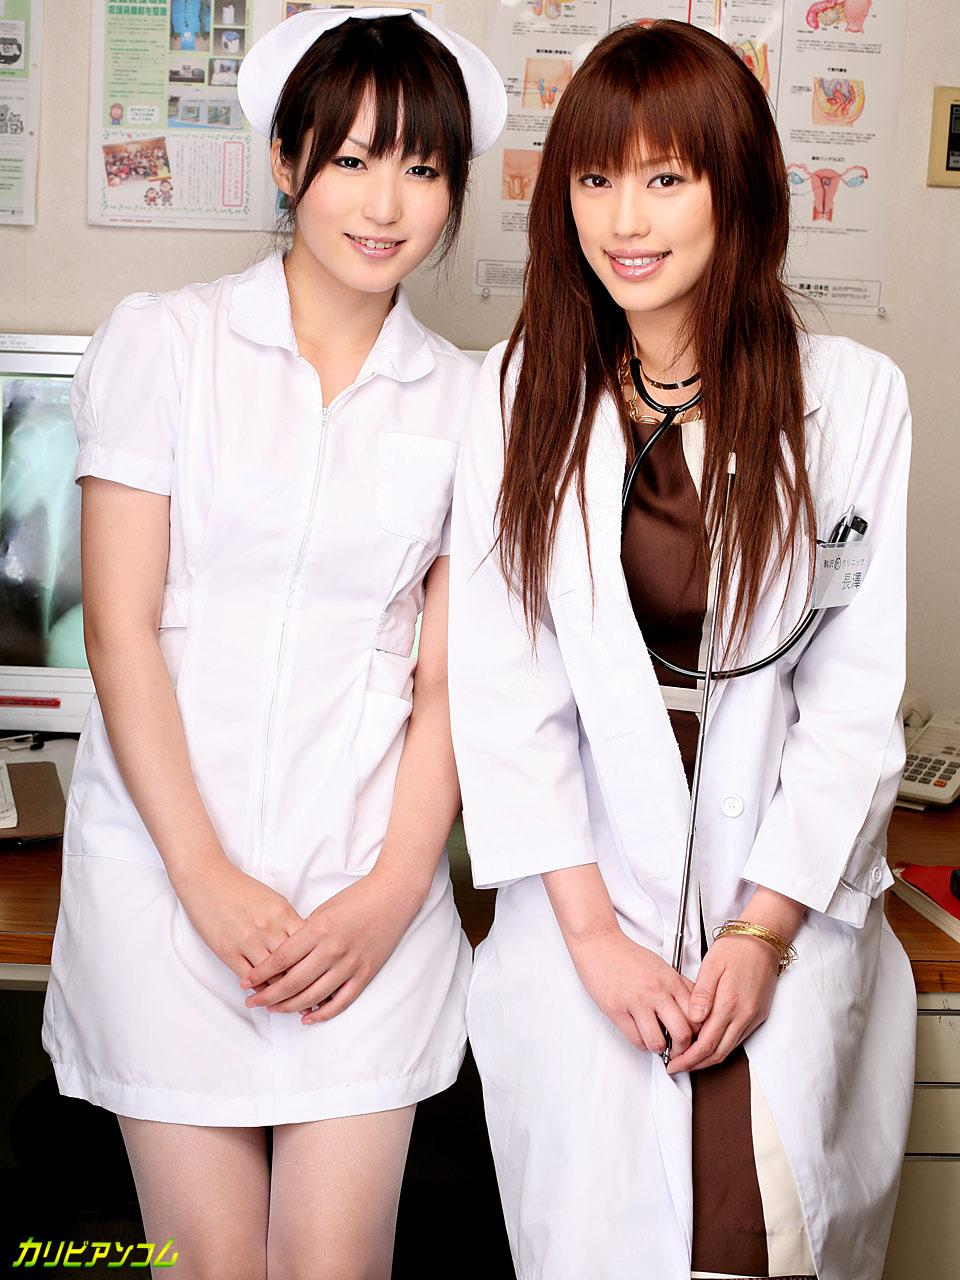 Японские медсёстры массаж 13 фотография